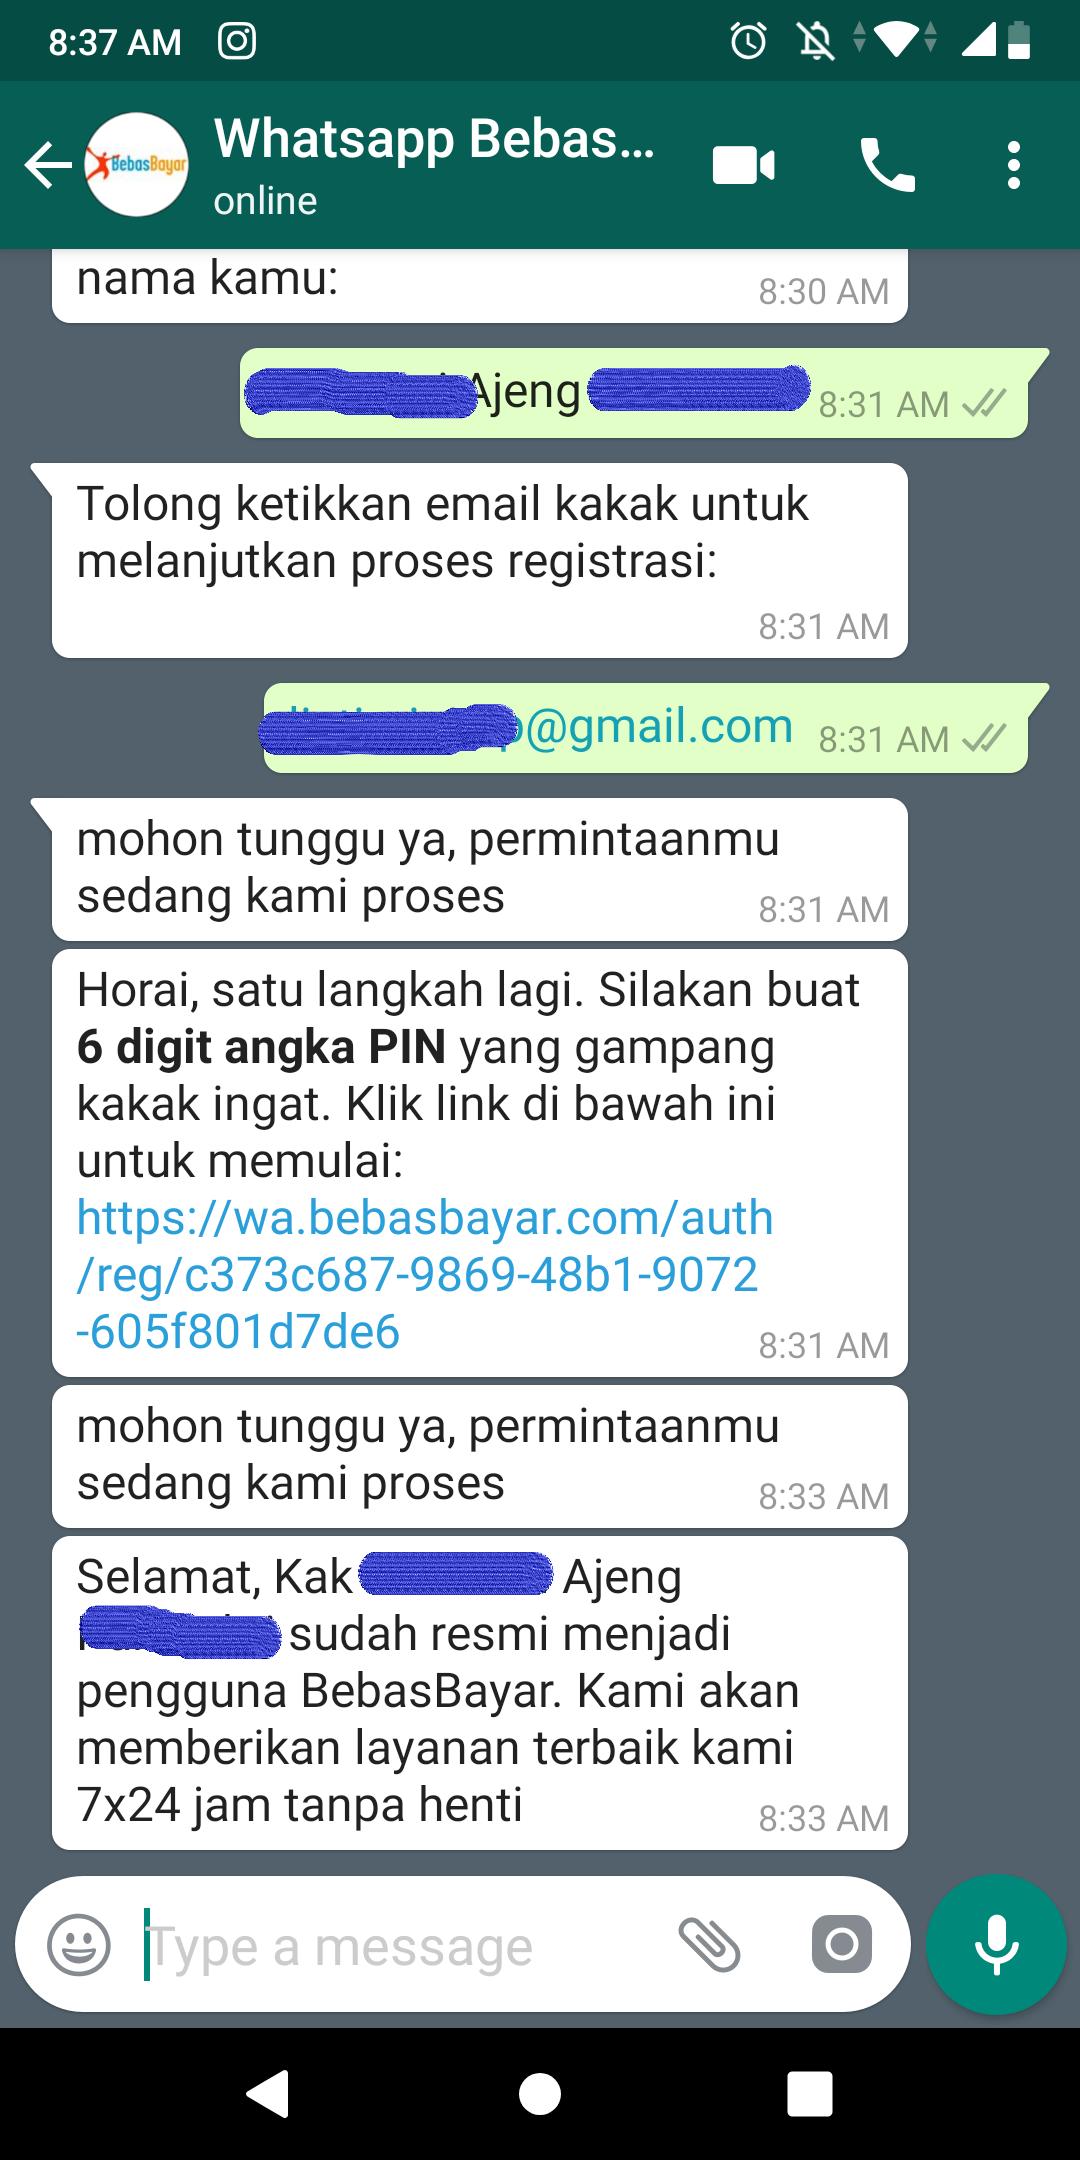 Cara Menggunakan Whatsapp BebasBayar 5